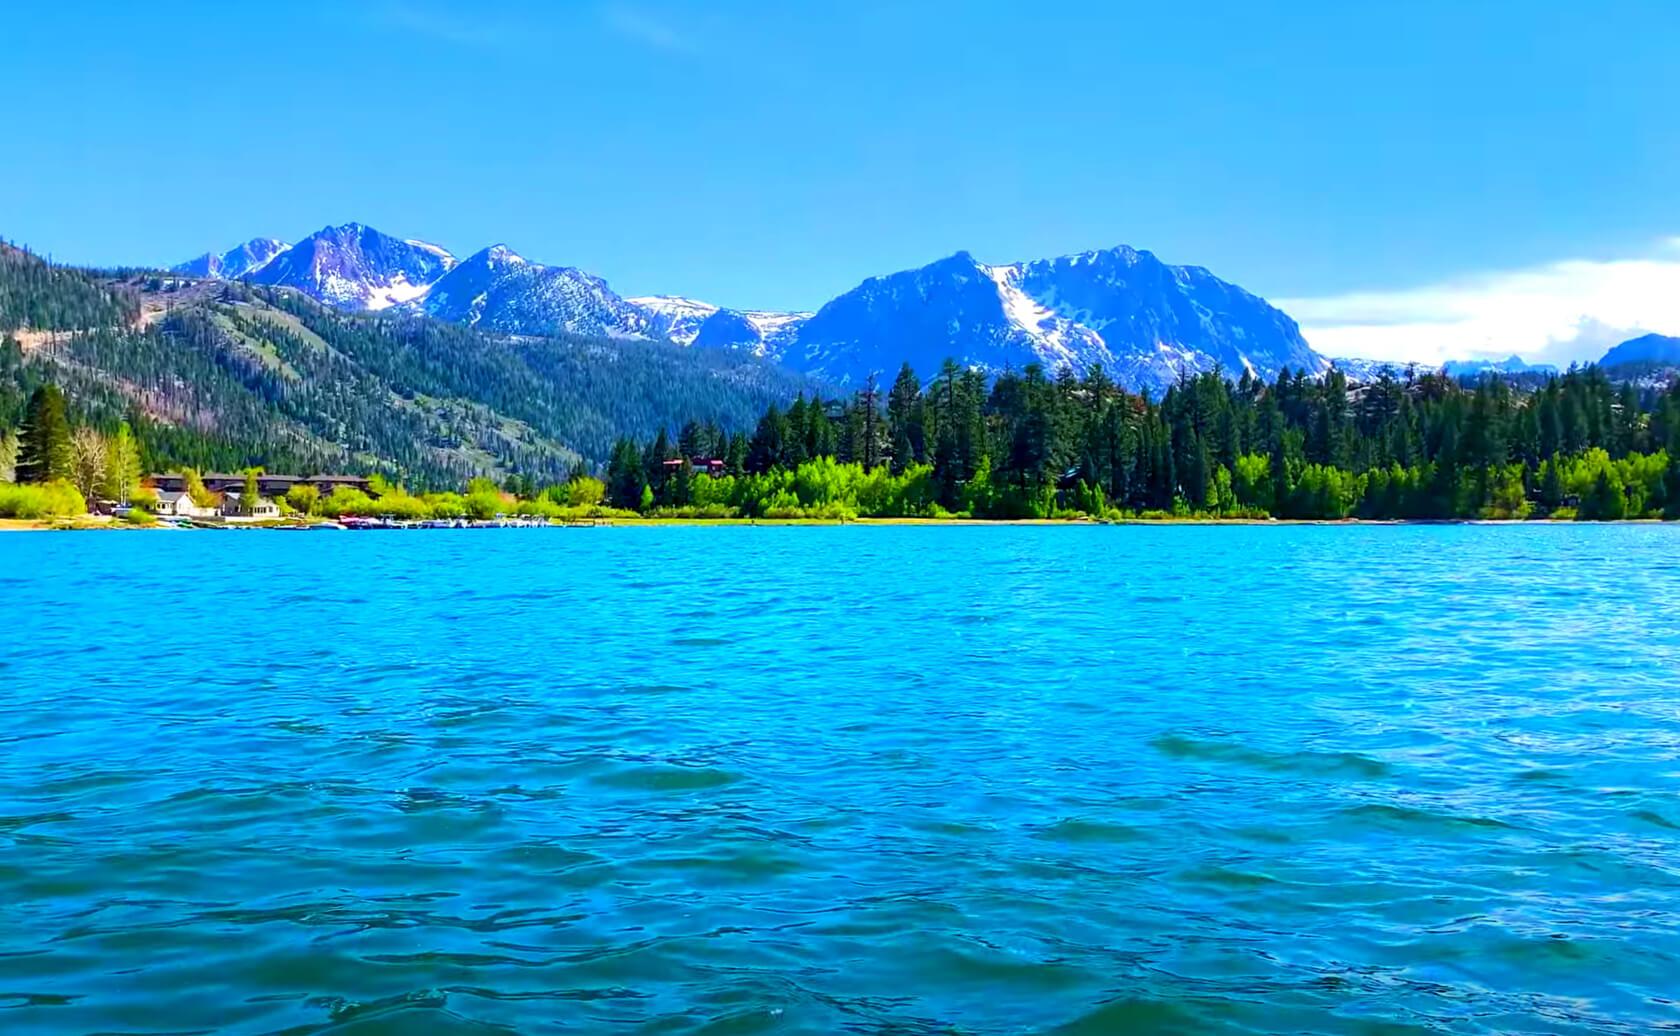 June-Lake-Fishing-Guide-Report-California-02